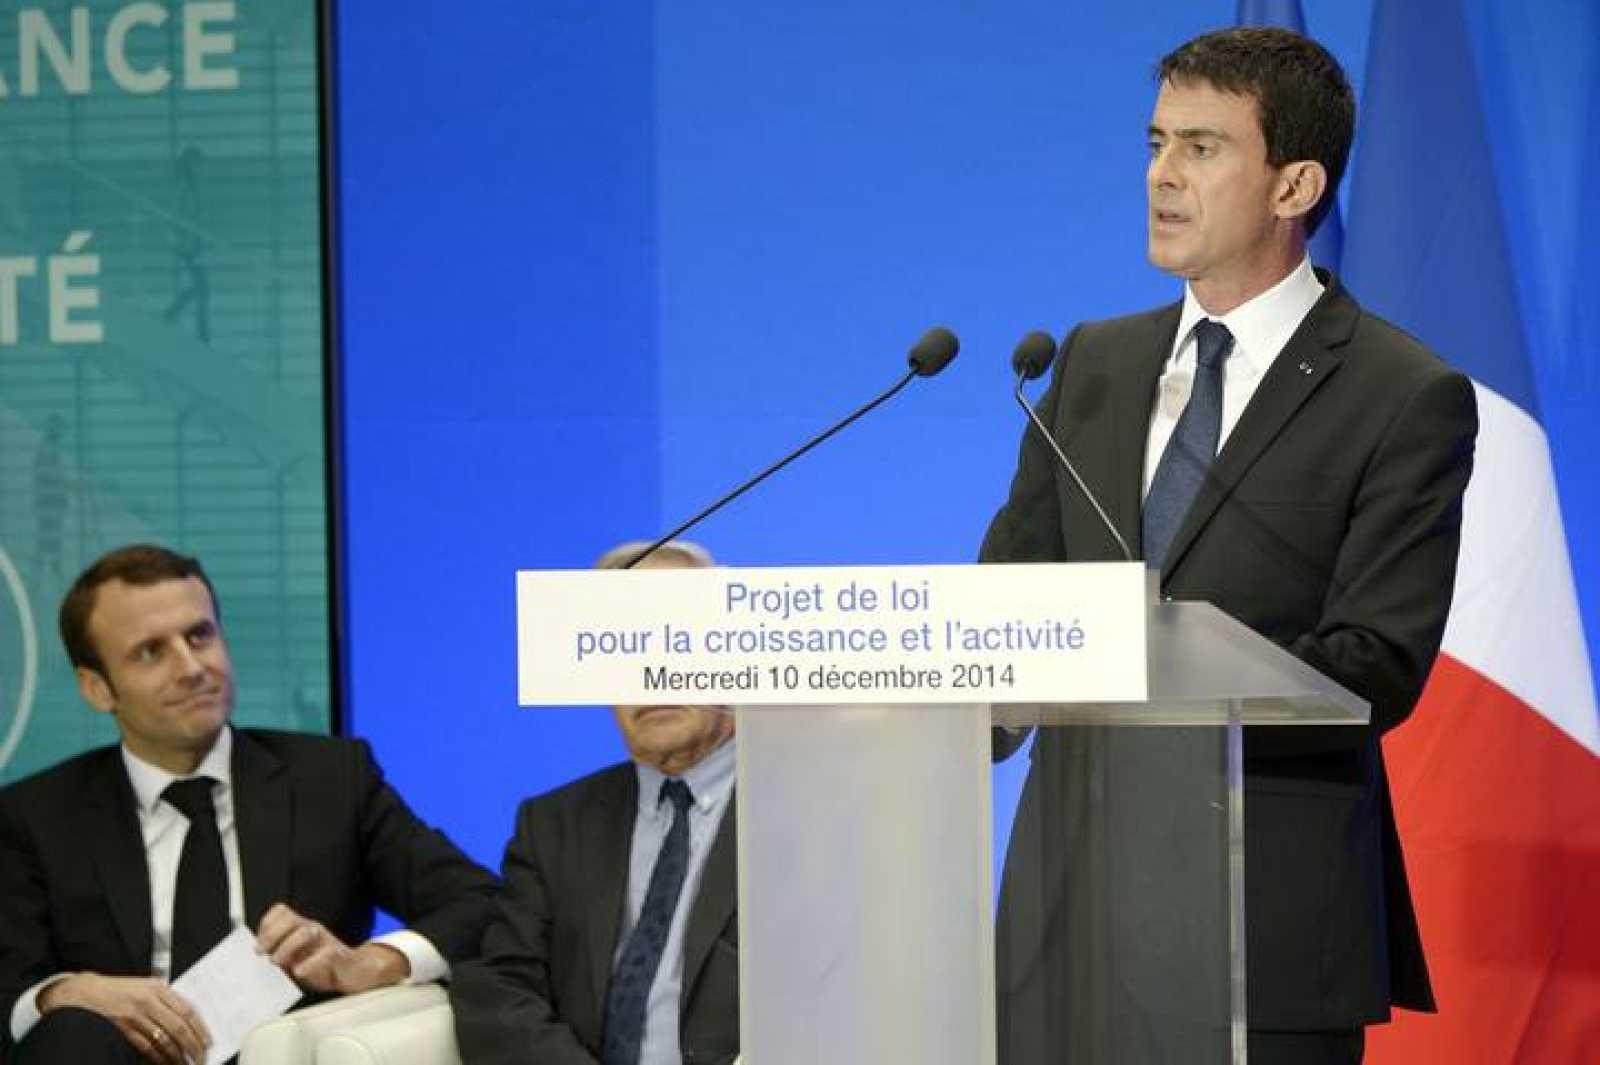 El primer ministro francés presenta el proyecto de ley para el crecimiento